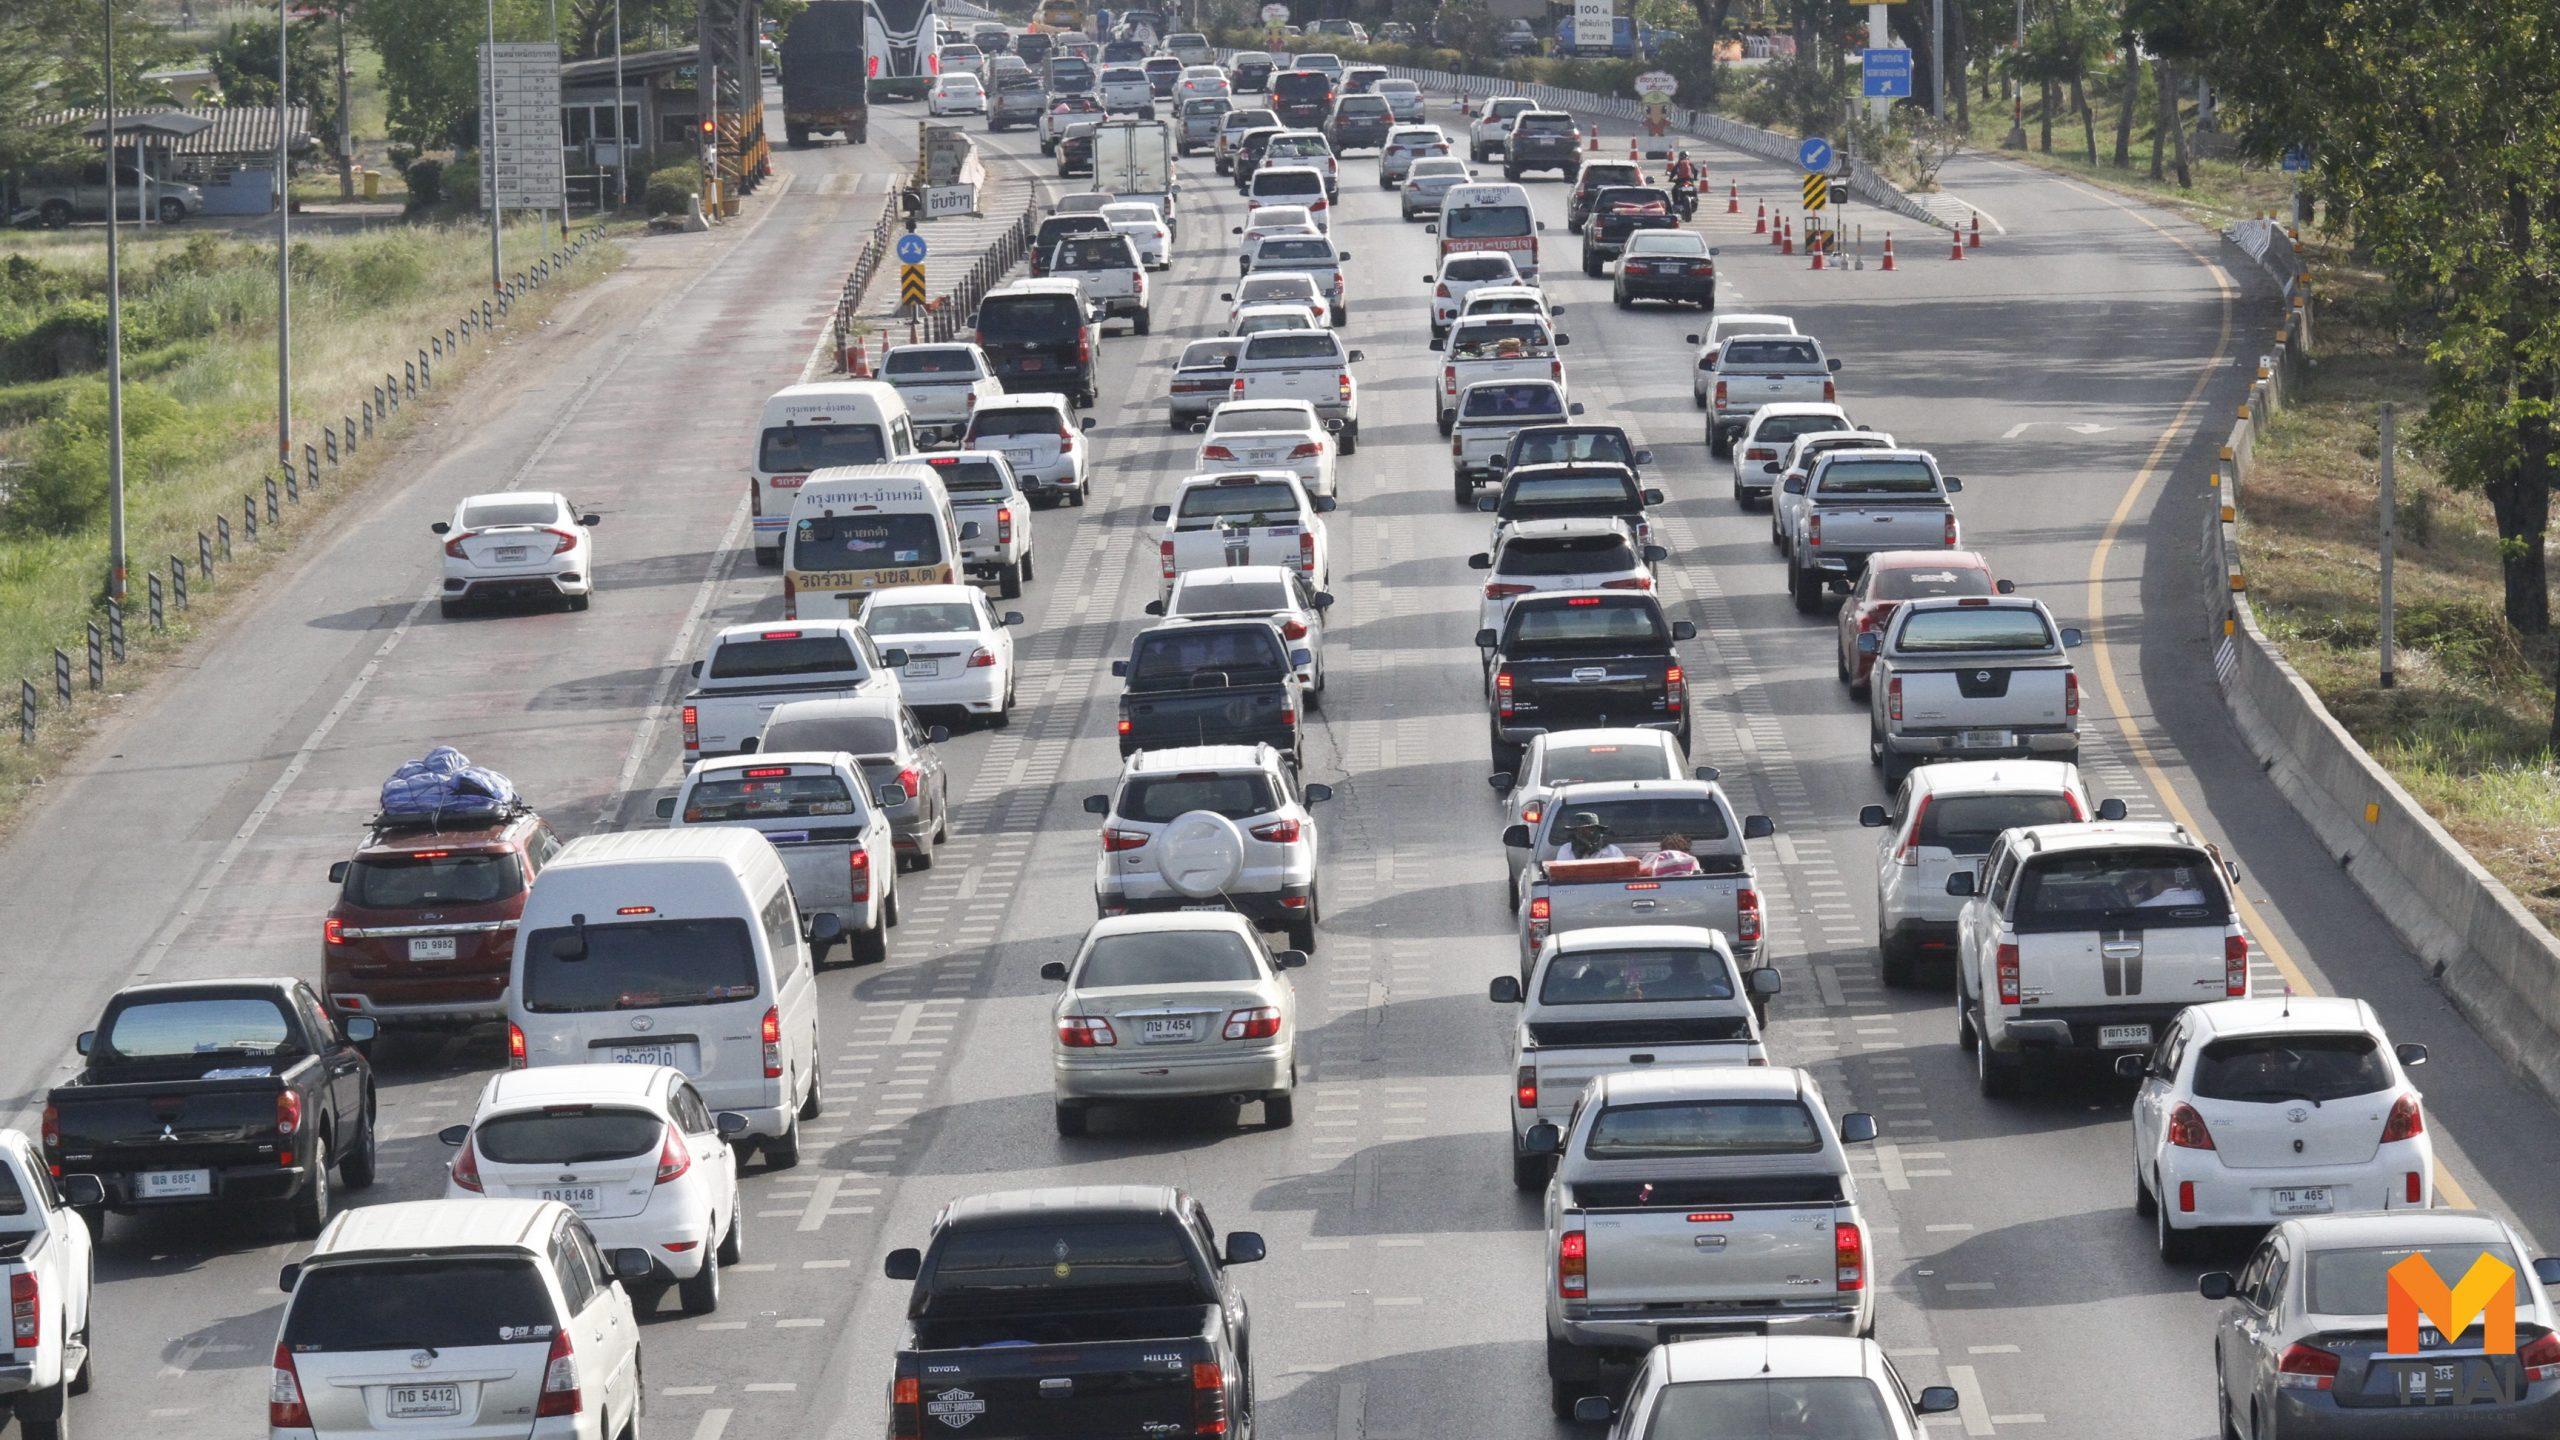 การจราจร ข่าวภูมิภาค ถนนสายเอเชีย รถติด